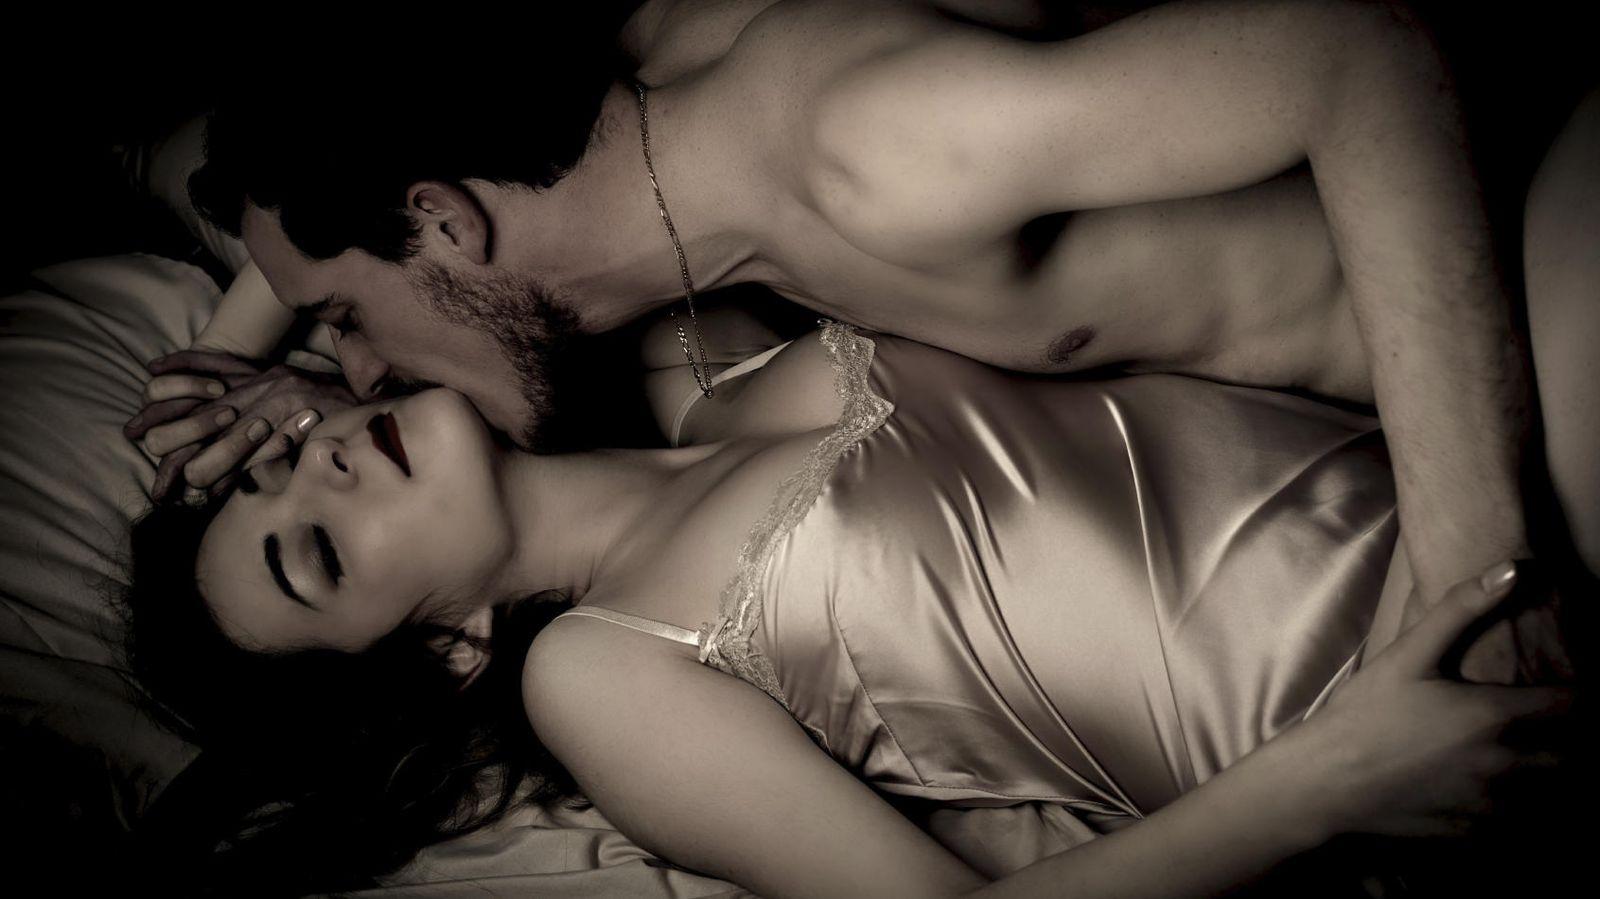 Foto: Sólo necesitas un poco de ingenio y picardía para subir la temperatura y enriquecer tu vida sexual. (iStock)